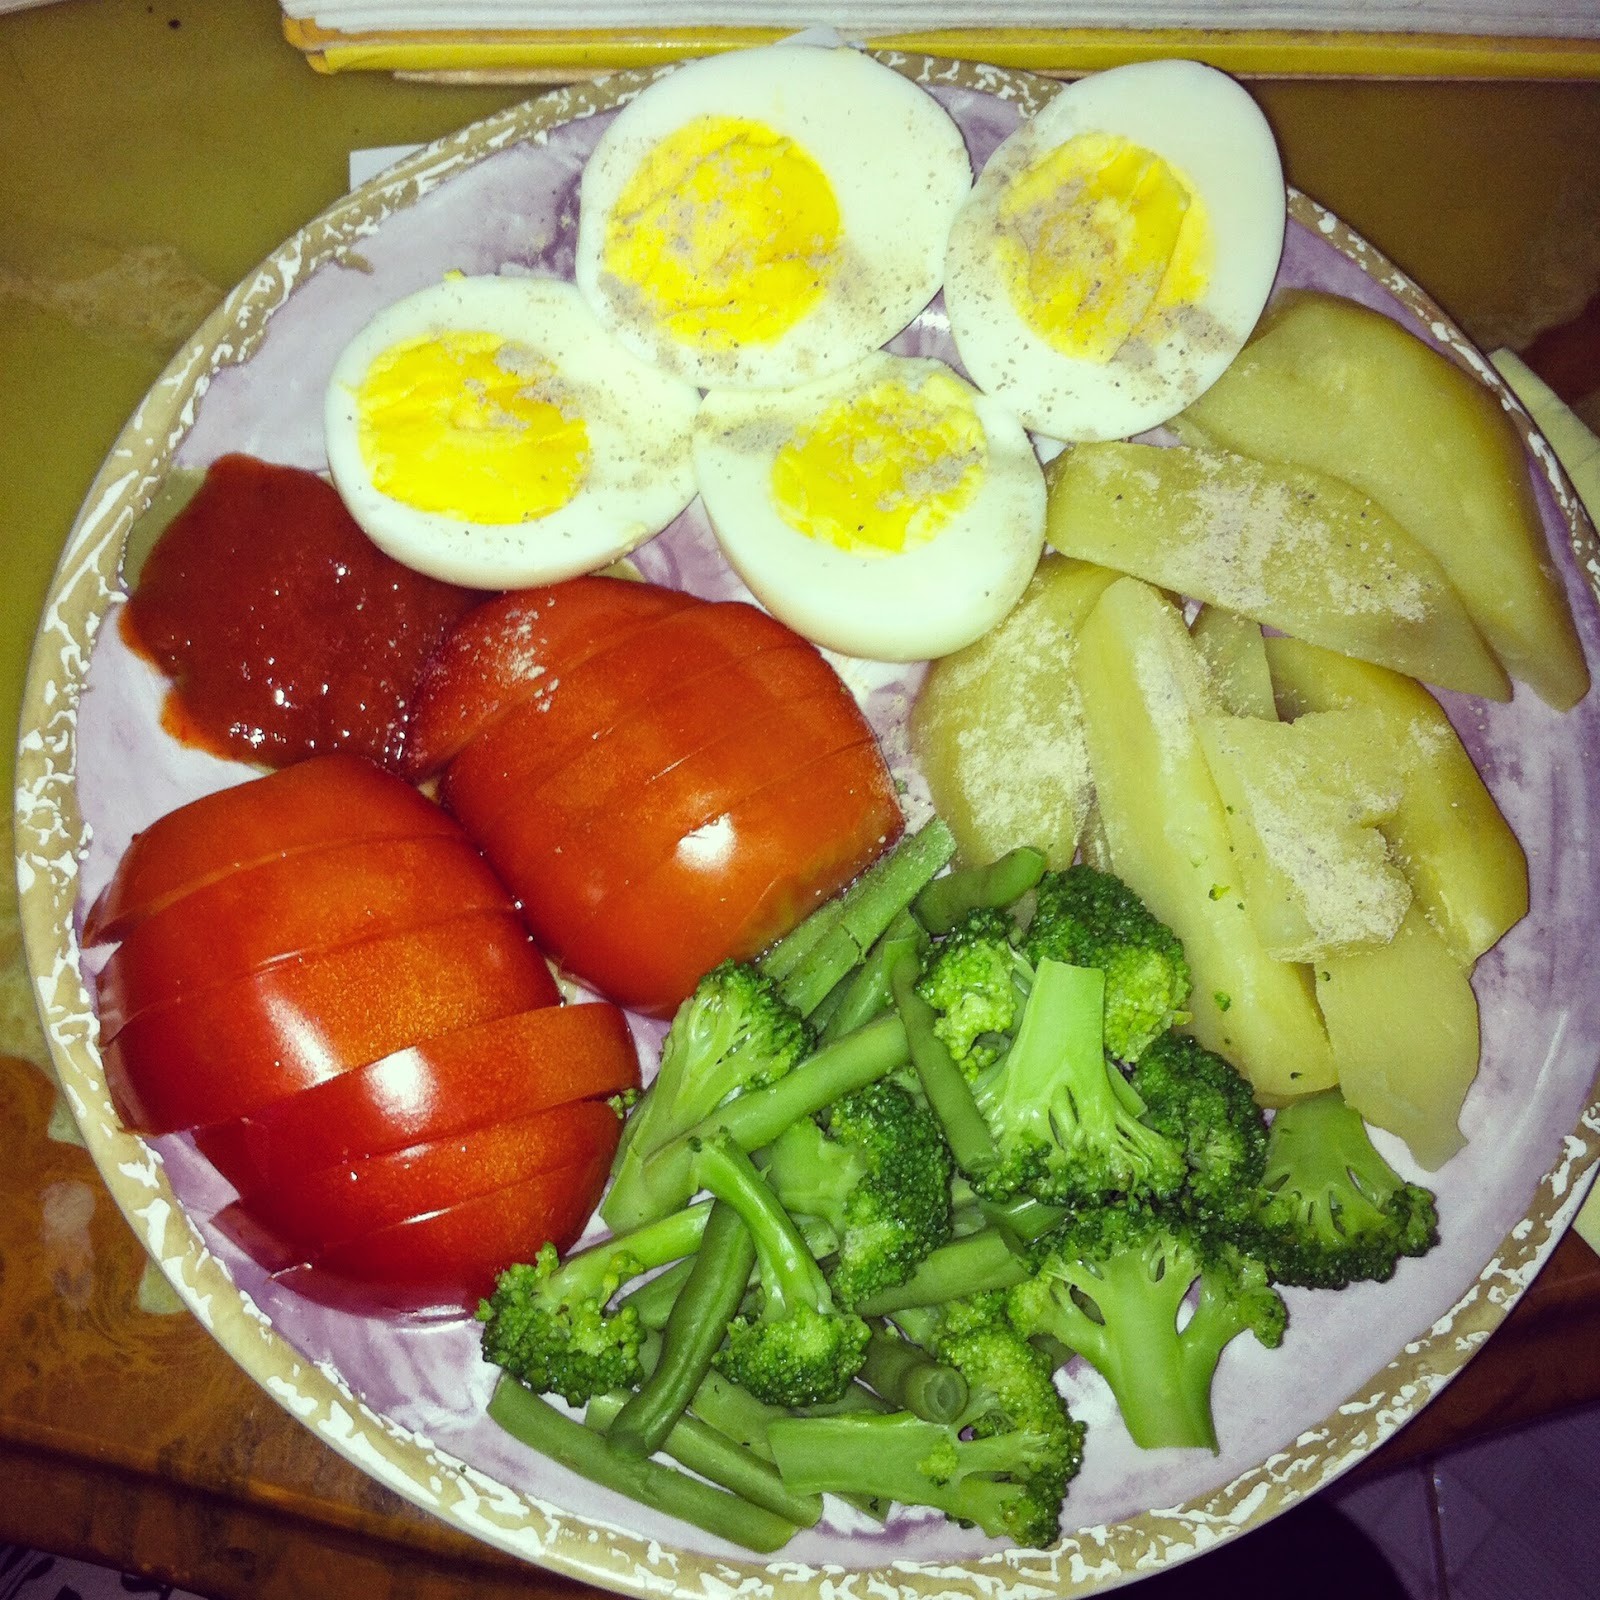 Bolehkah Diet Mayo Untuk Ibu Menyusui?